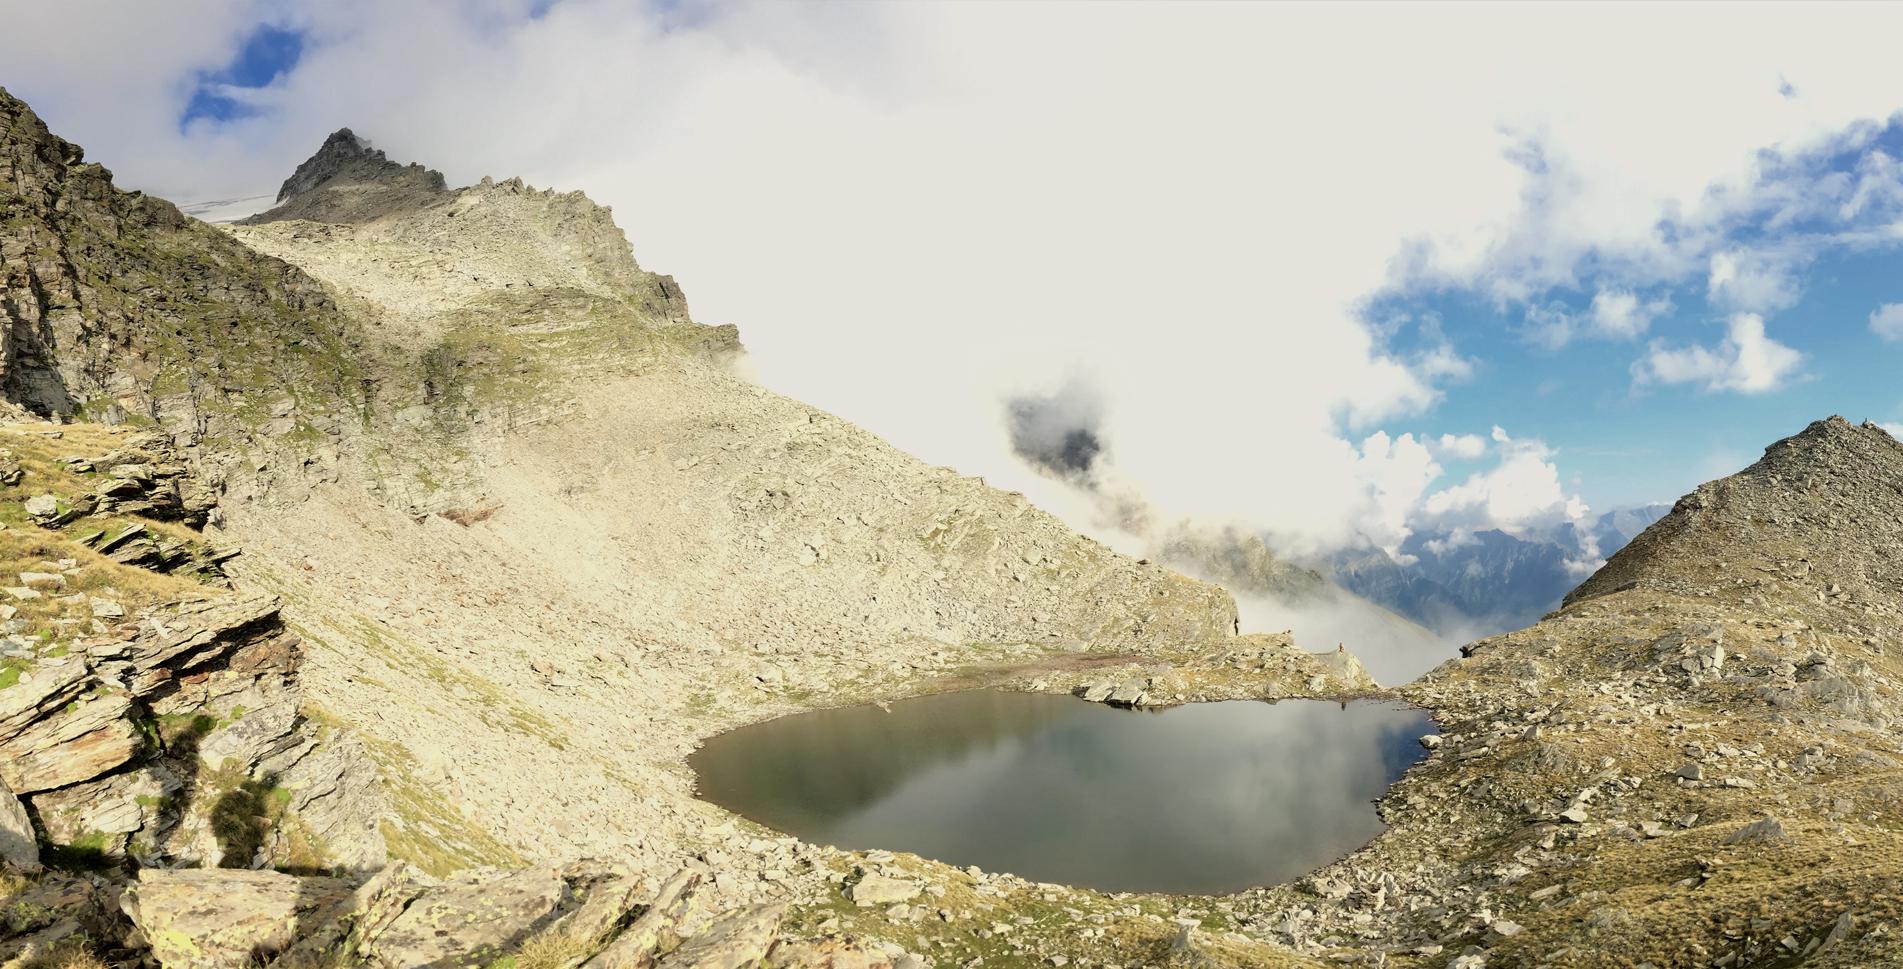 Wanderung von Dangio im Valle di Blenio / Bleniotal zur Capanna Adula CAS / Adulahütte und zur Capanna Adula UTOE am Fusse des Rheinwaldhorns und durch das Val Malvaglia nach Dagro